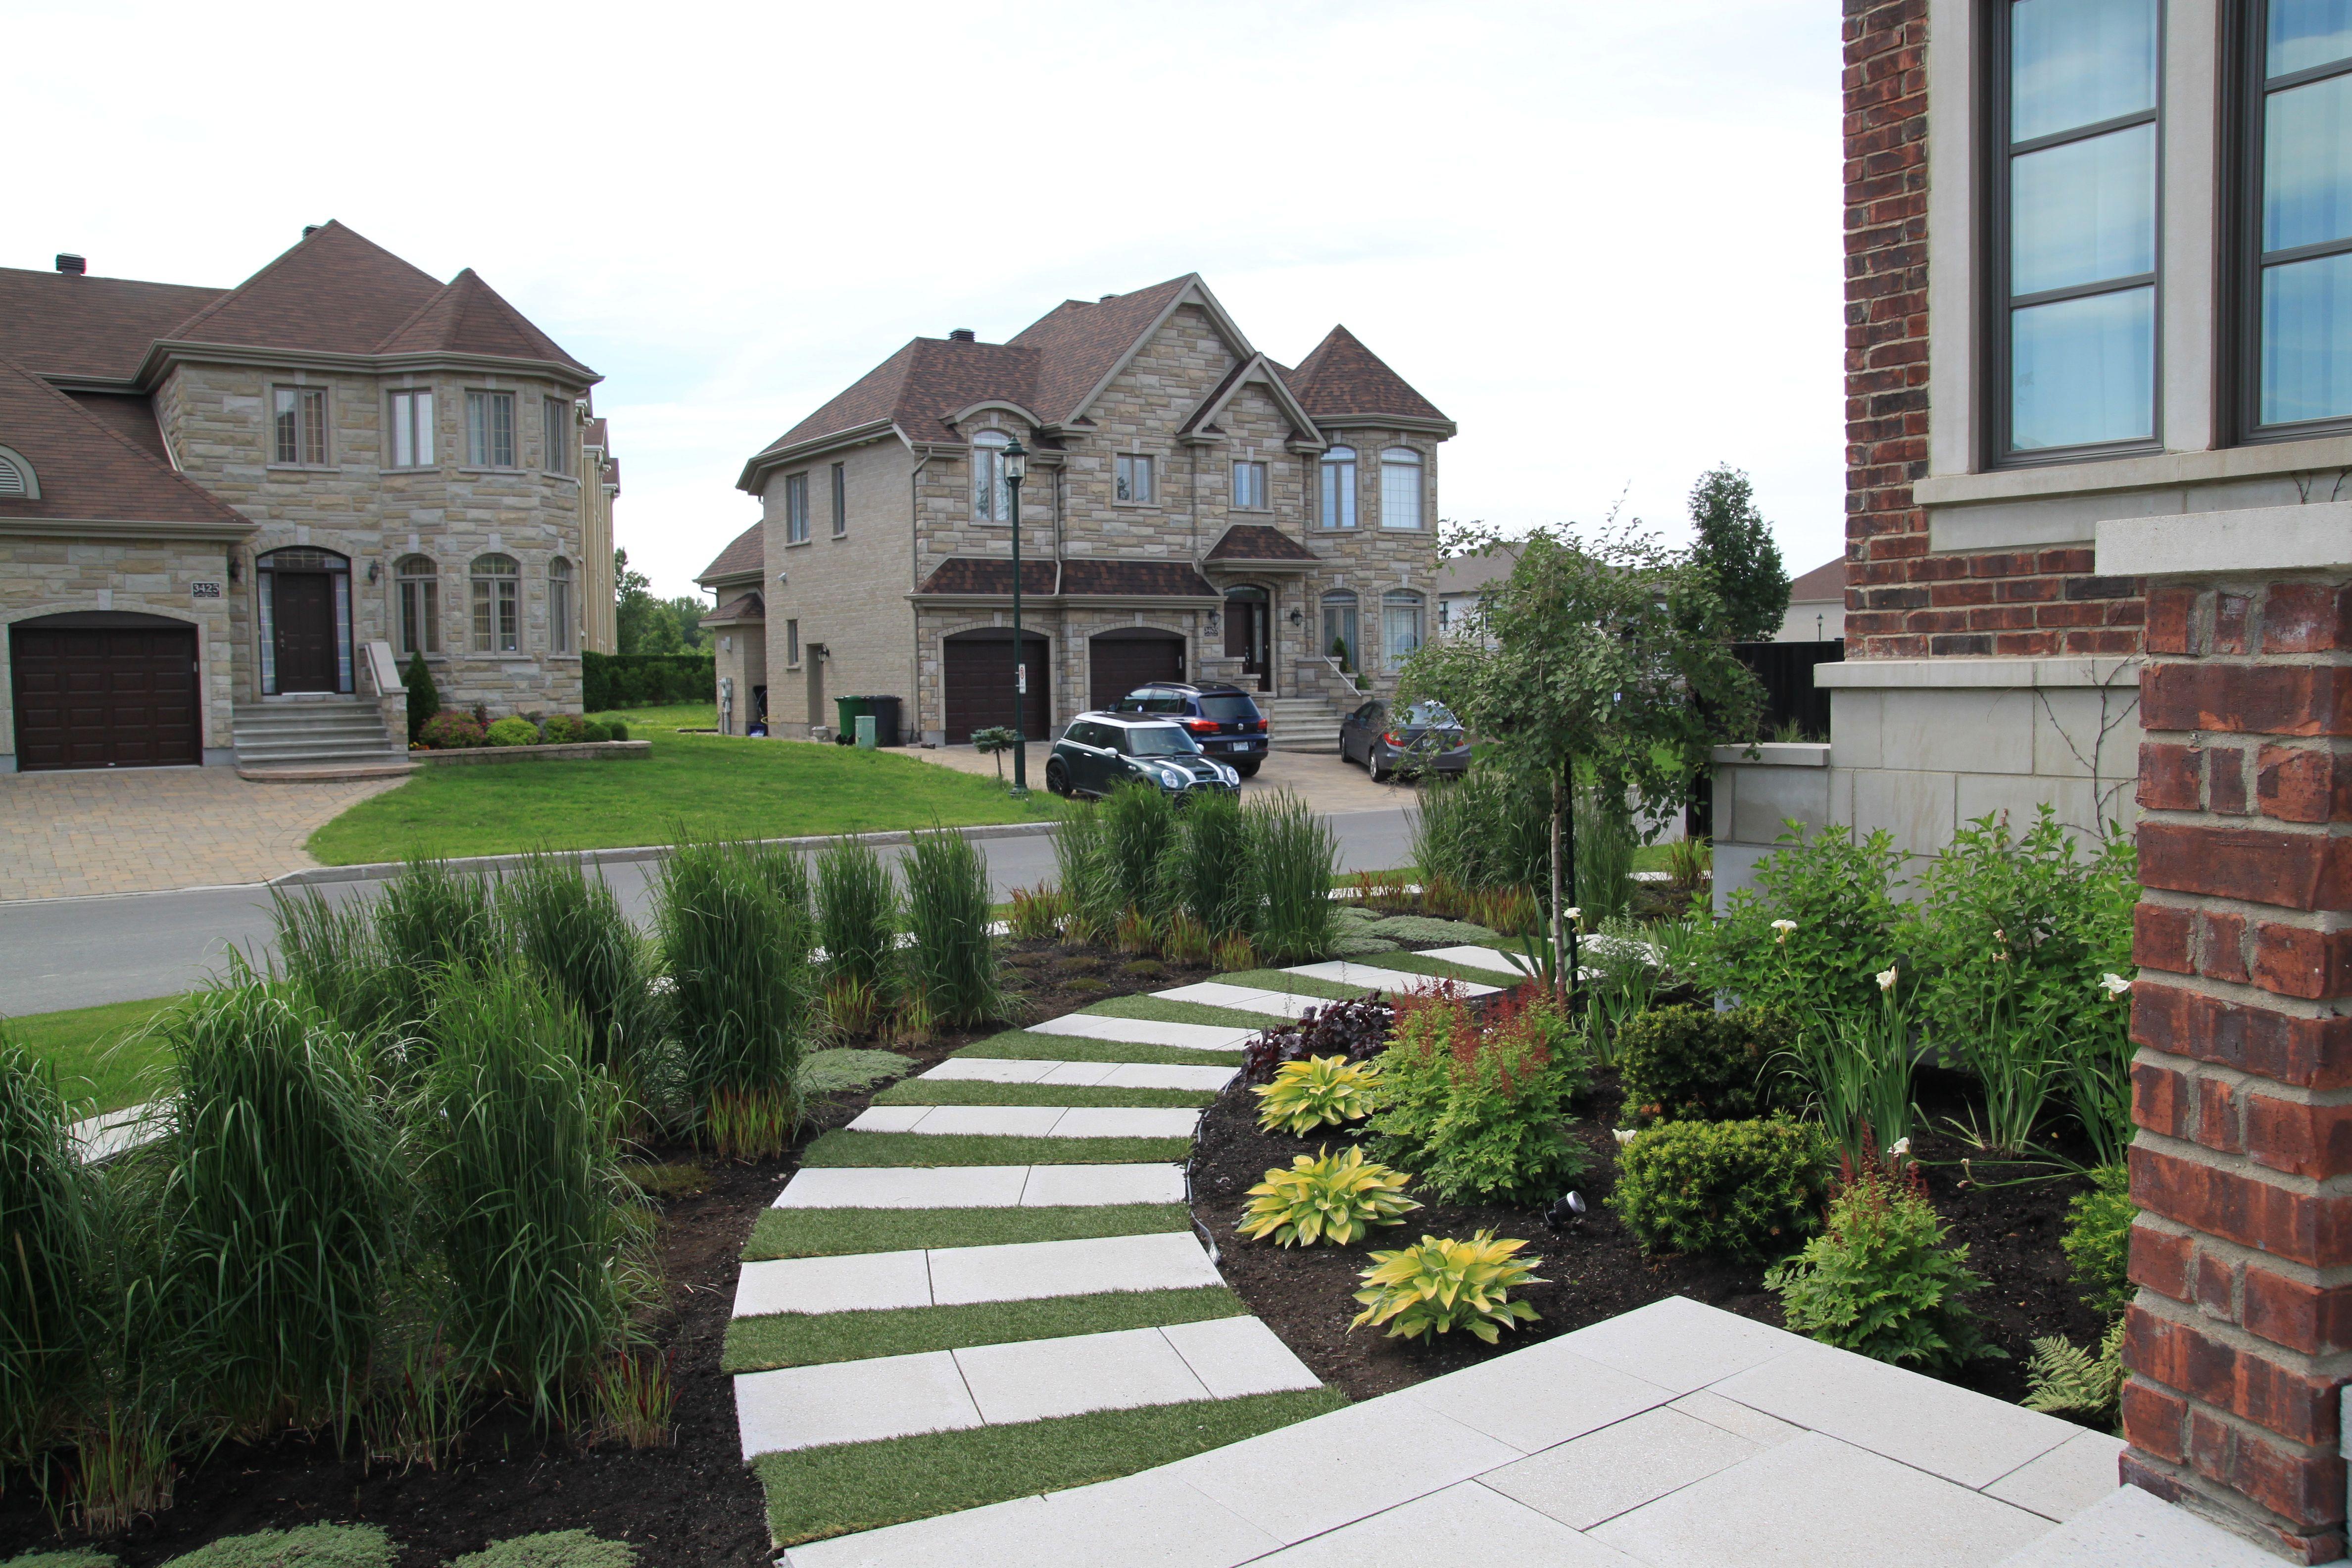 am nagement d 39 une fa ade de maison espace de plantation avec vivaces gramin es et arbustes. Black Bedroom Furniture Sets. Home Design Ideas